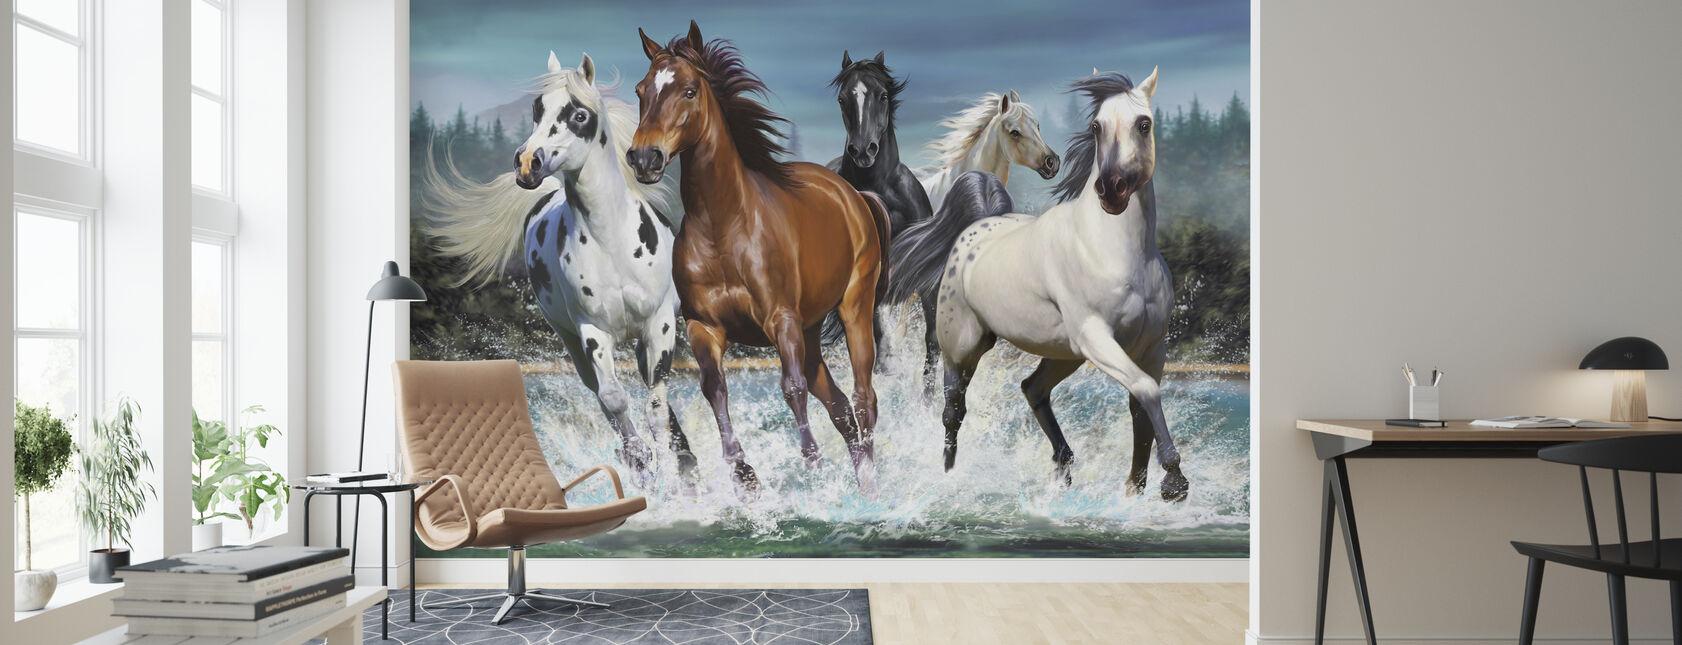 Løpende hester - Tapet - Stue